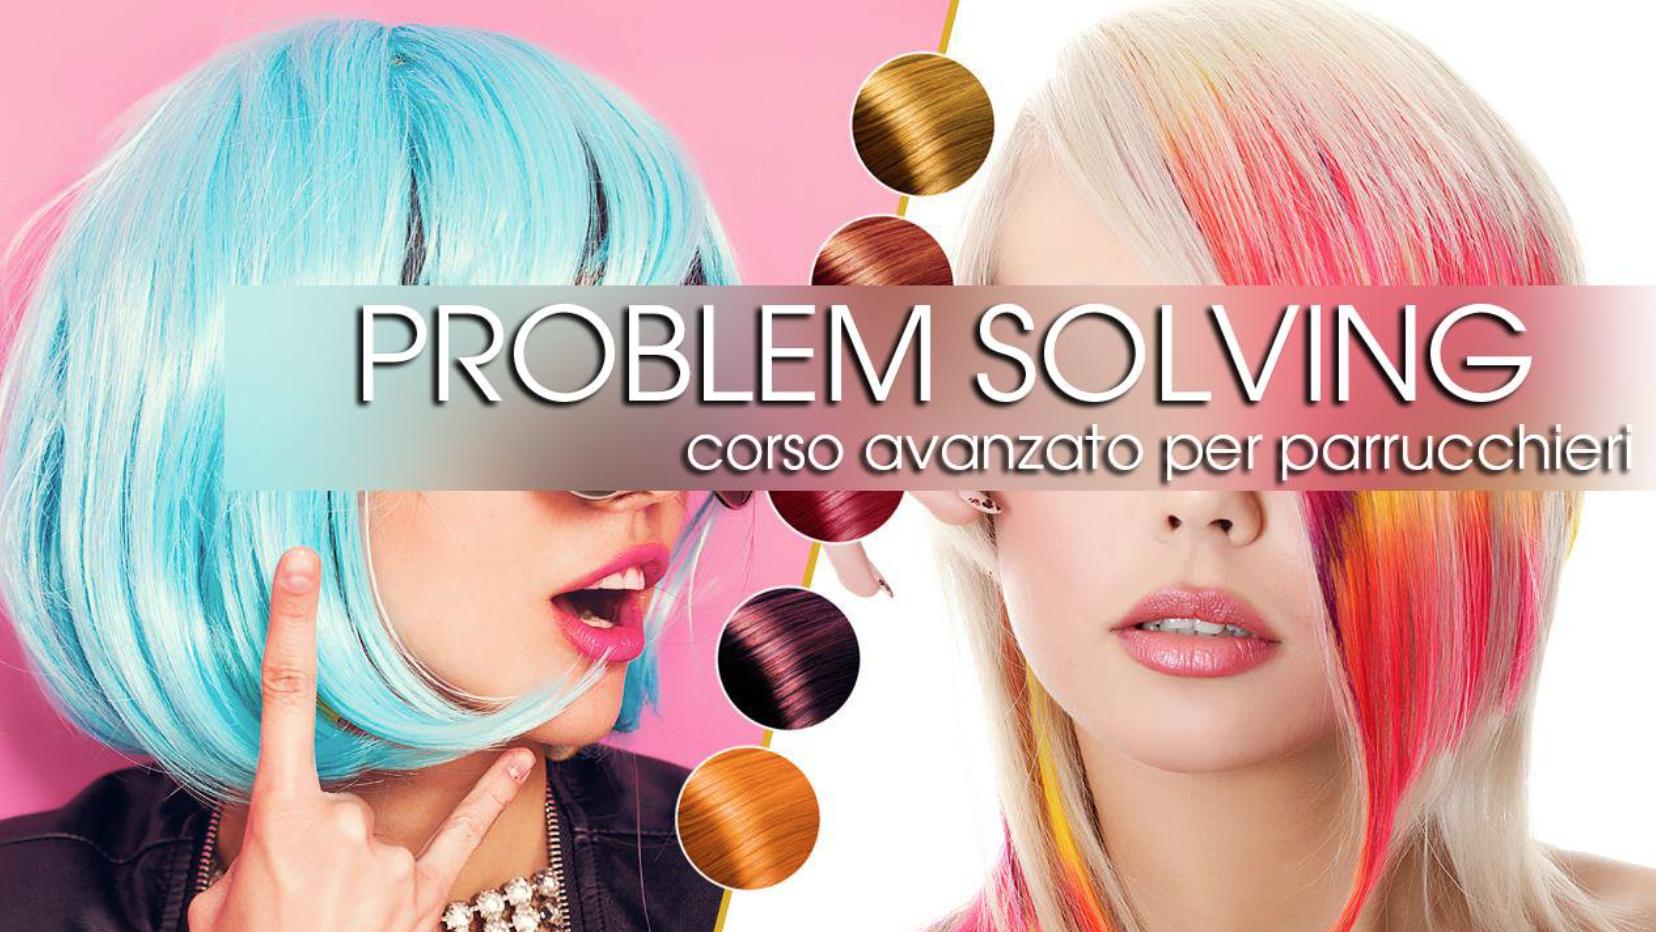 Corso parrucchieri Problem Solving